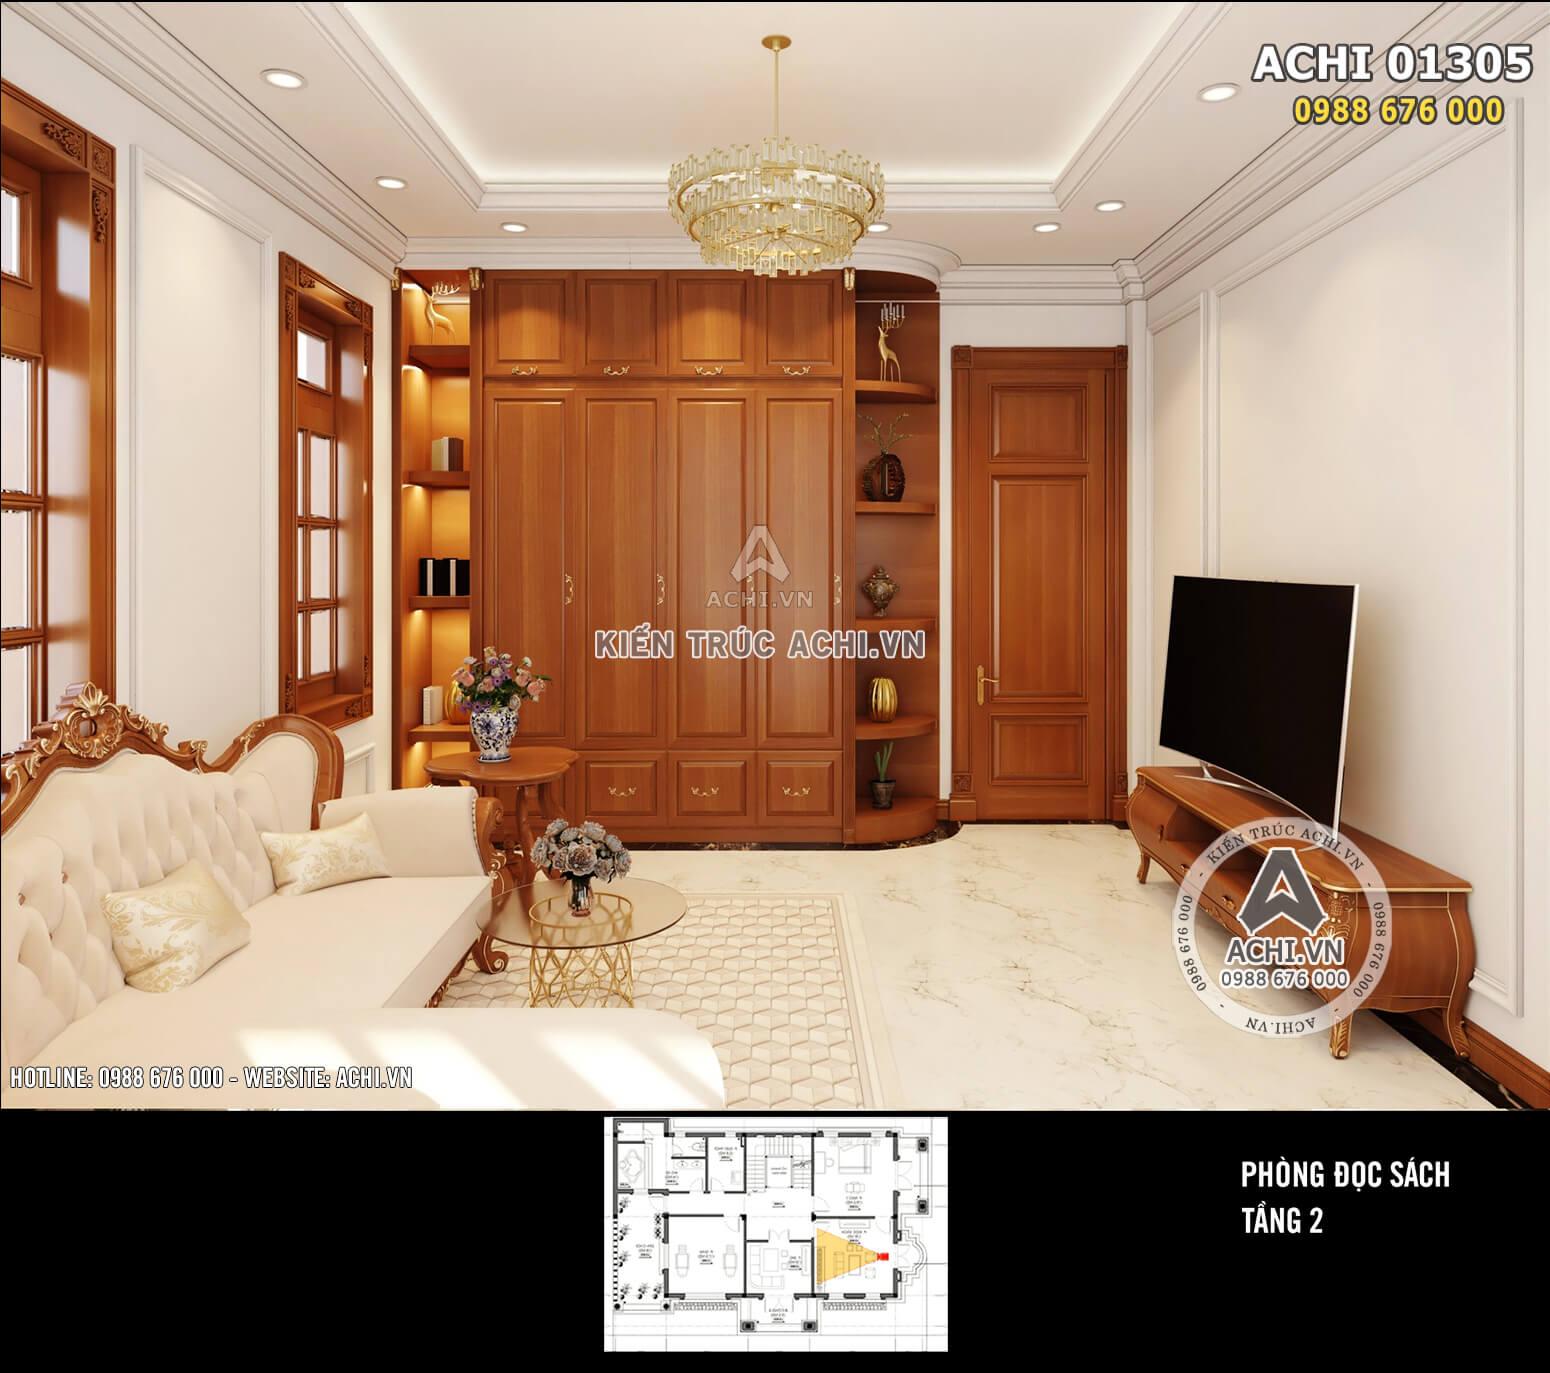 Thiết kế nội thất phòng đọc sách nhiều ánh sáng, yên tĩnh, tiện nghi